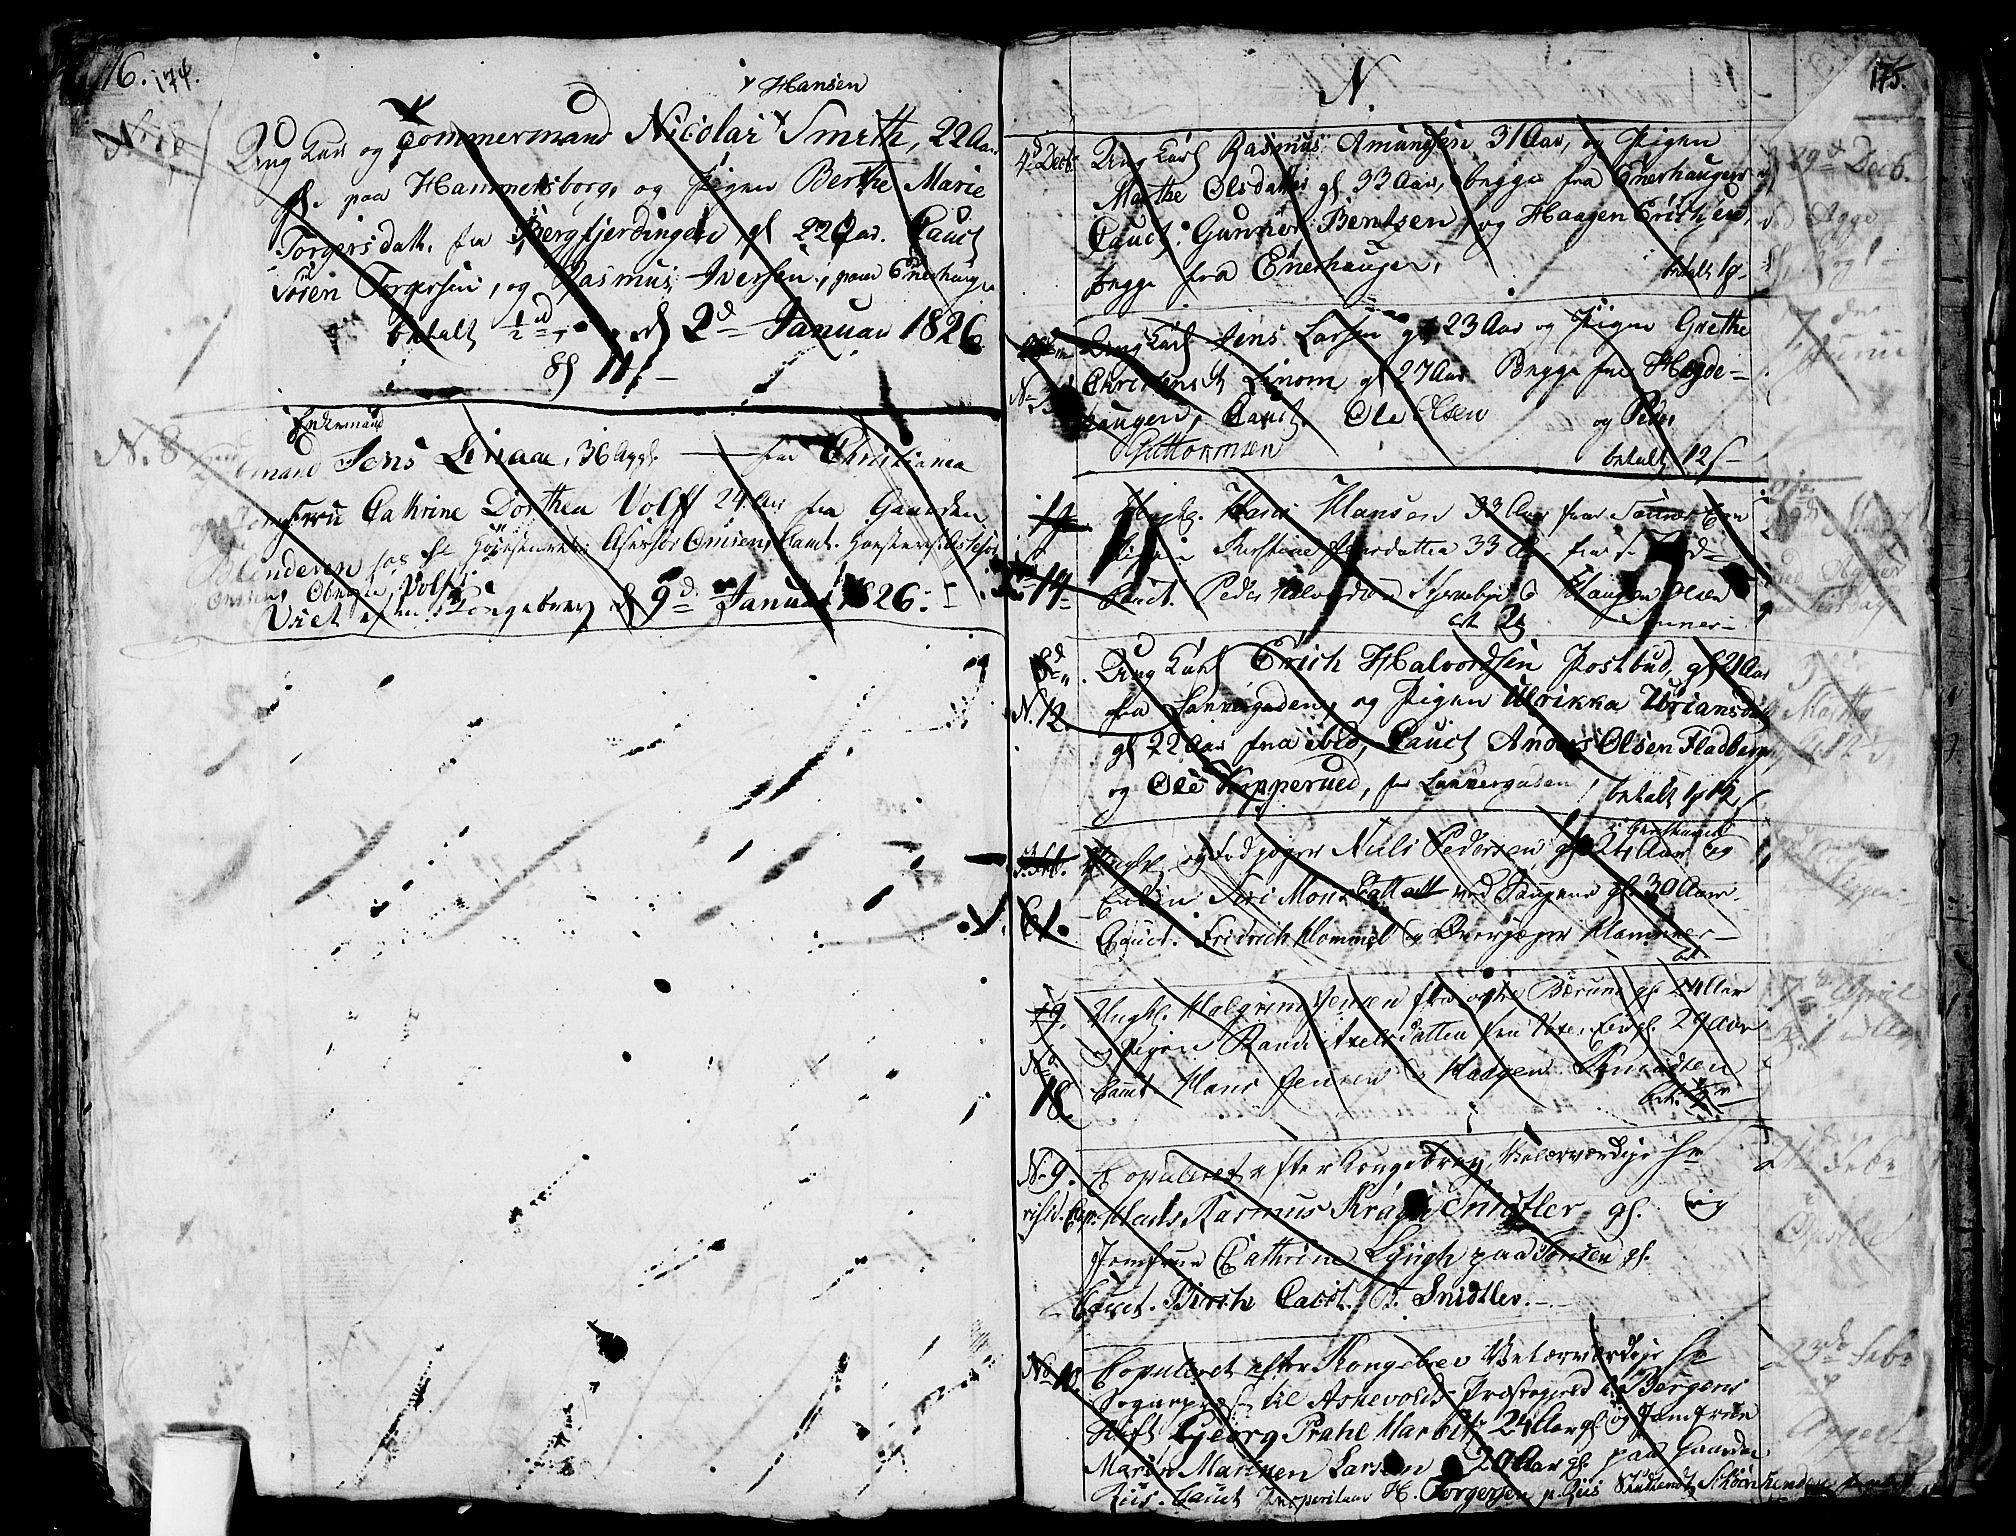 SAO, Aker prestekontor kirkebøker, G/L0001: Klokkerbok nr. 1, 1796-1826, s. 174-175